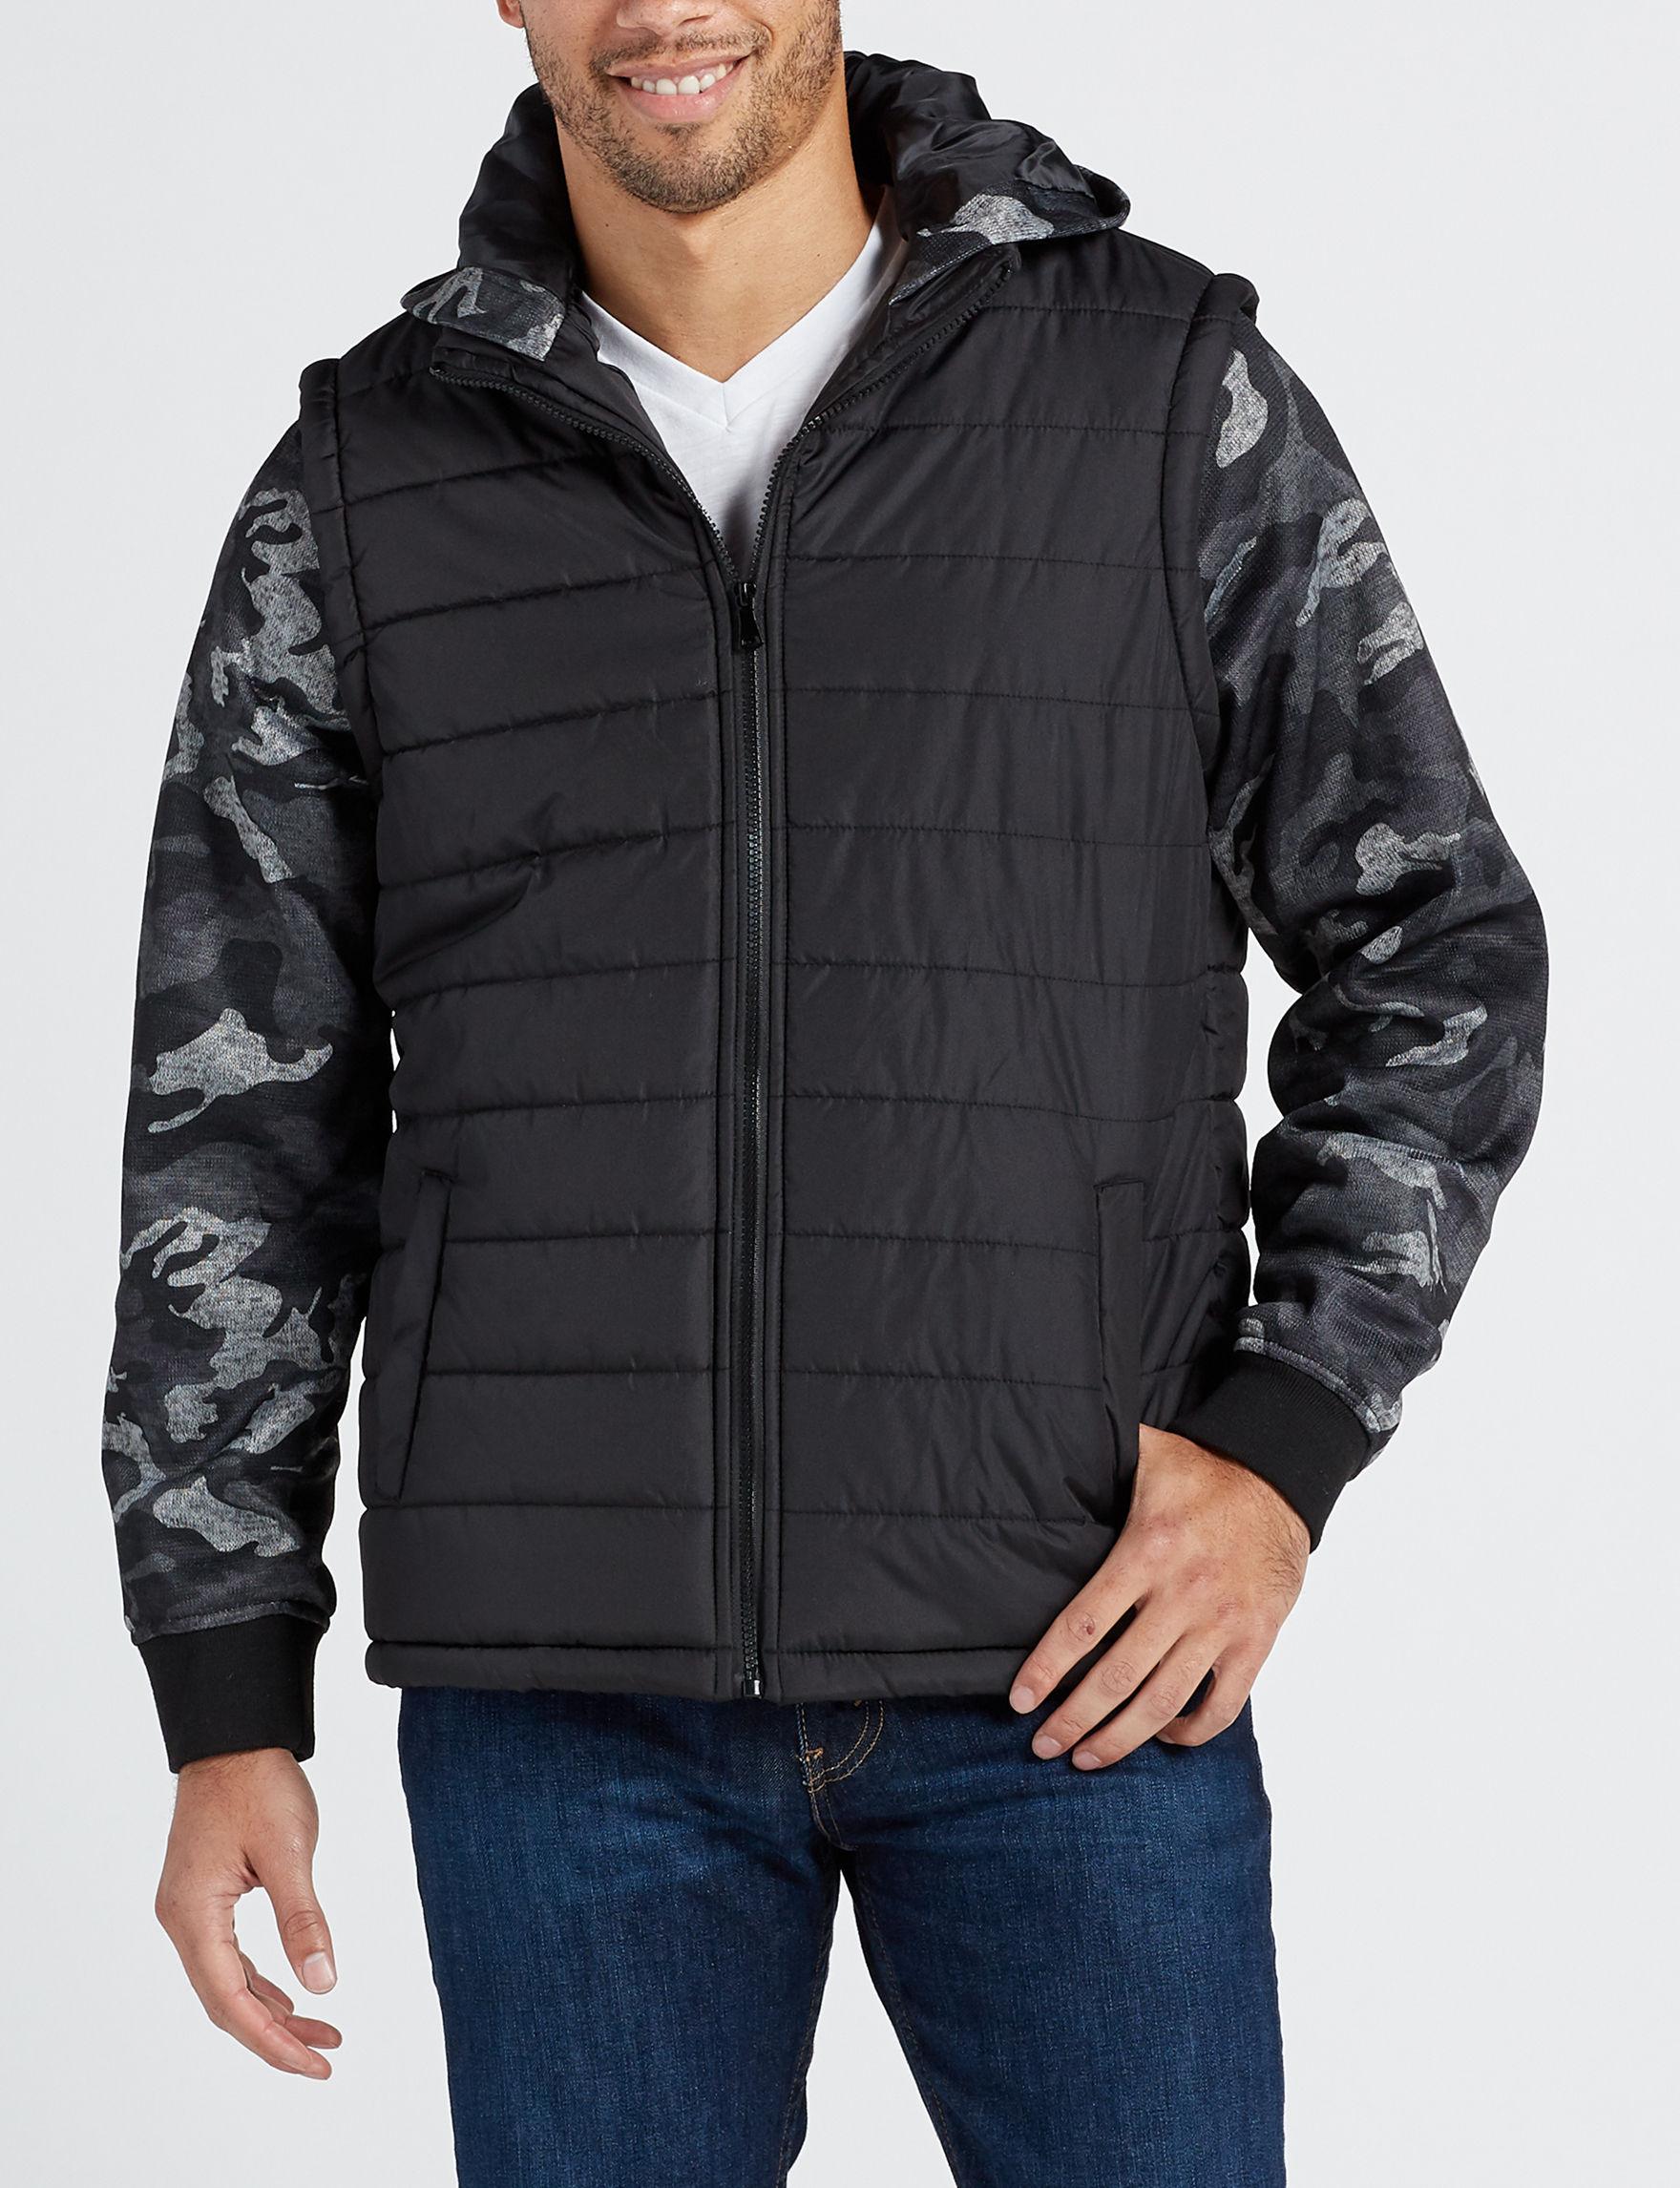 Surplus Black / Multi Fleece & Soft Shell Jackets